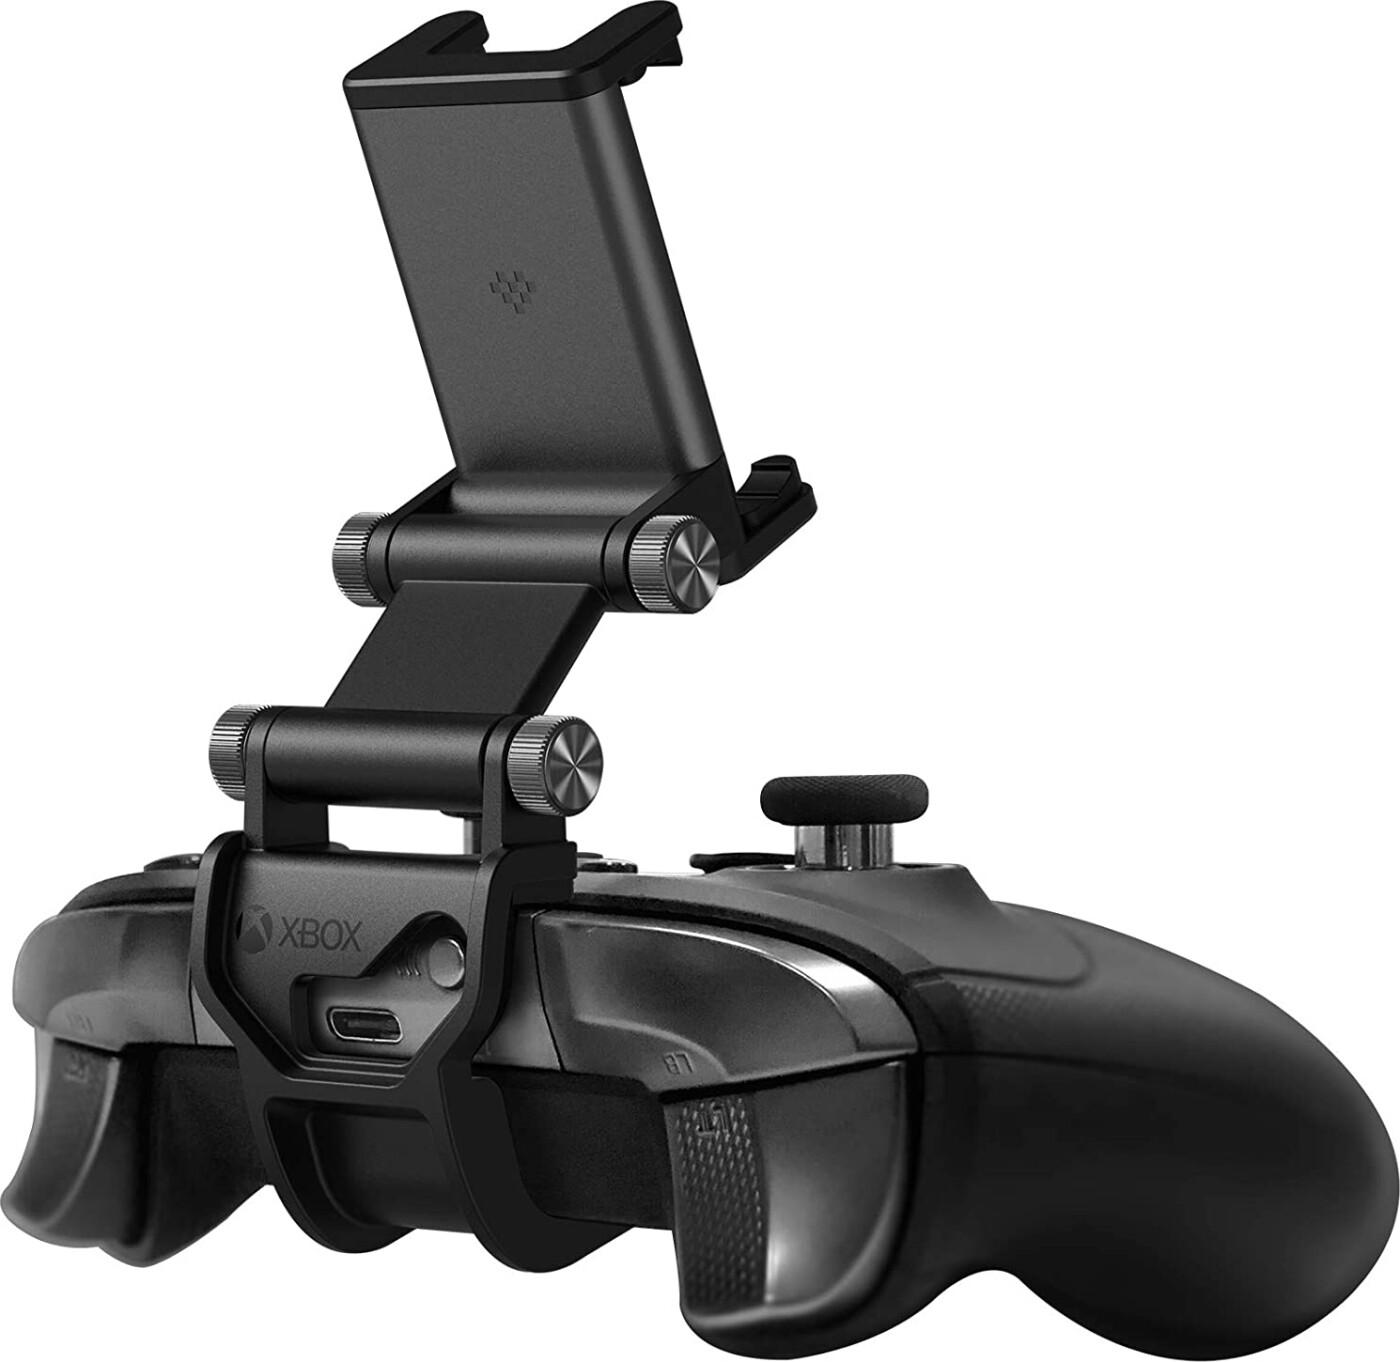 Billede af 8bitdo Mobile Gaming Clip For Xbox